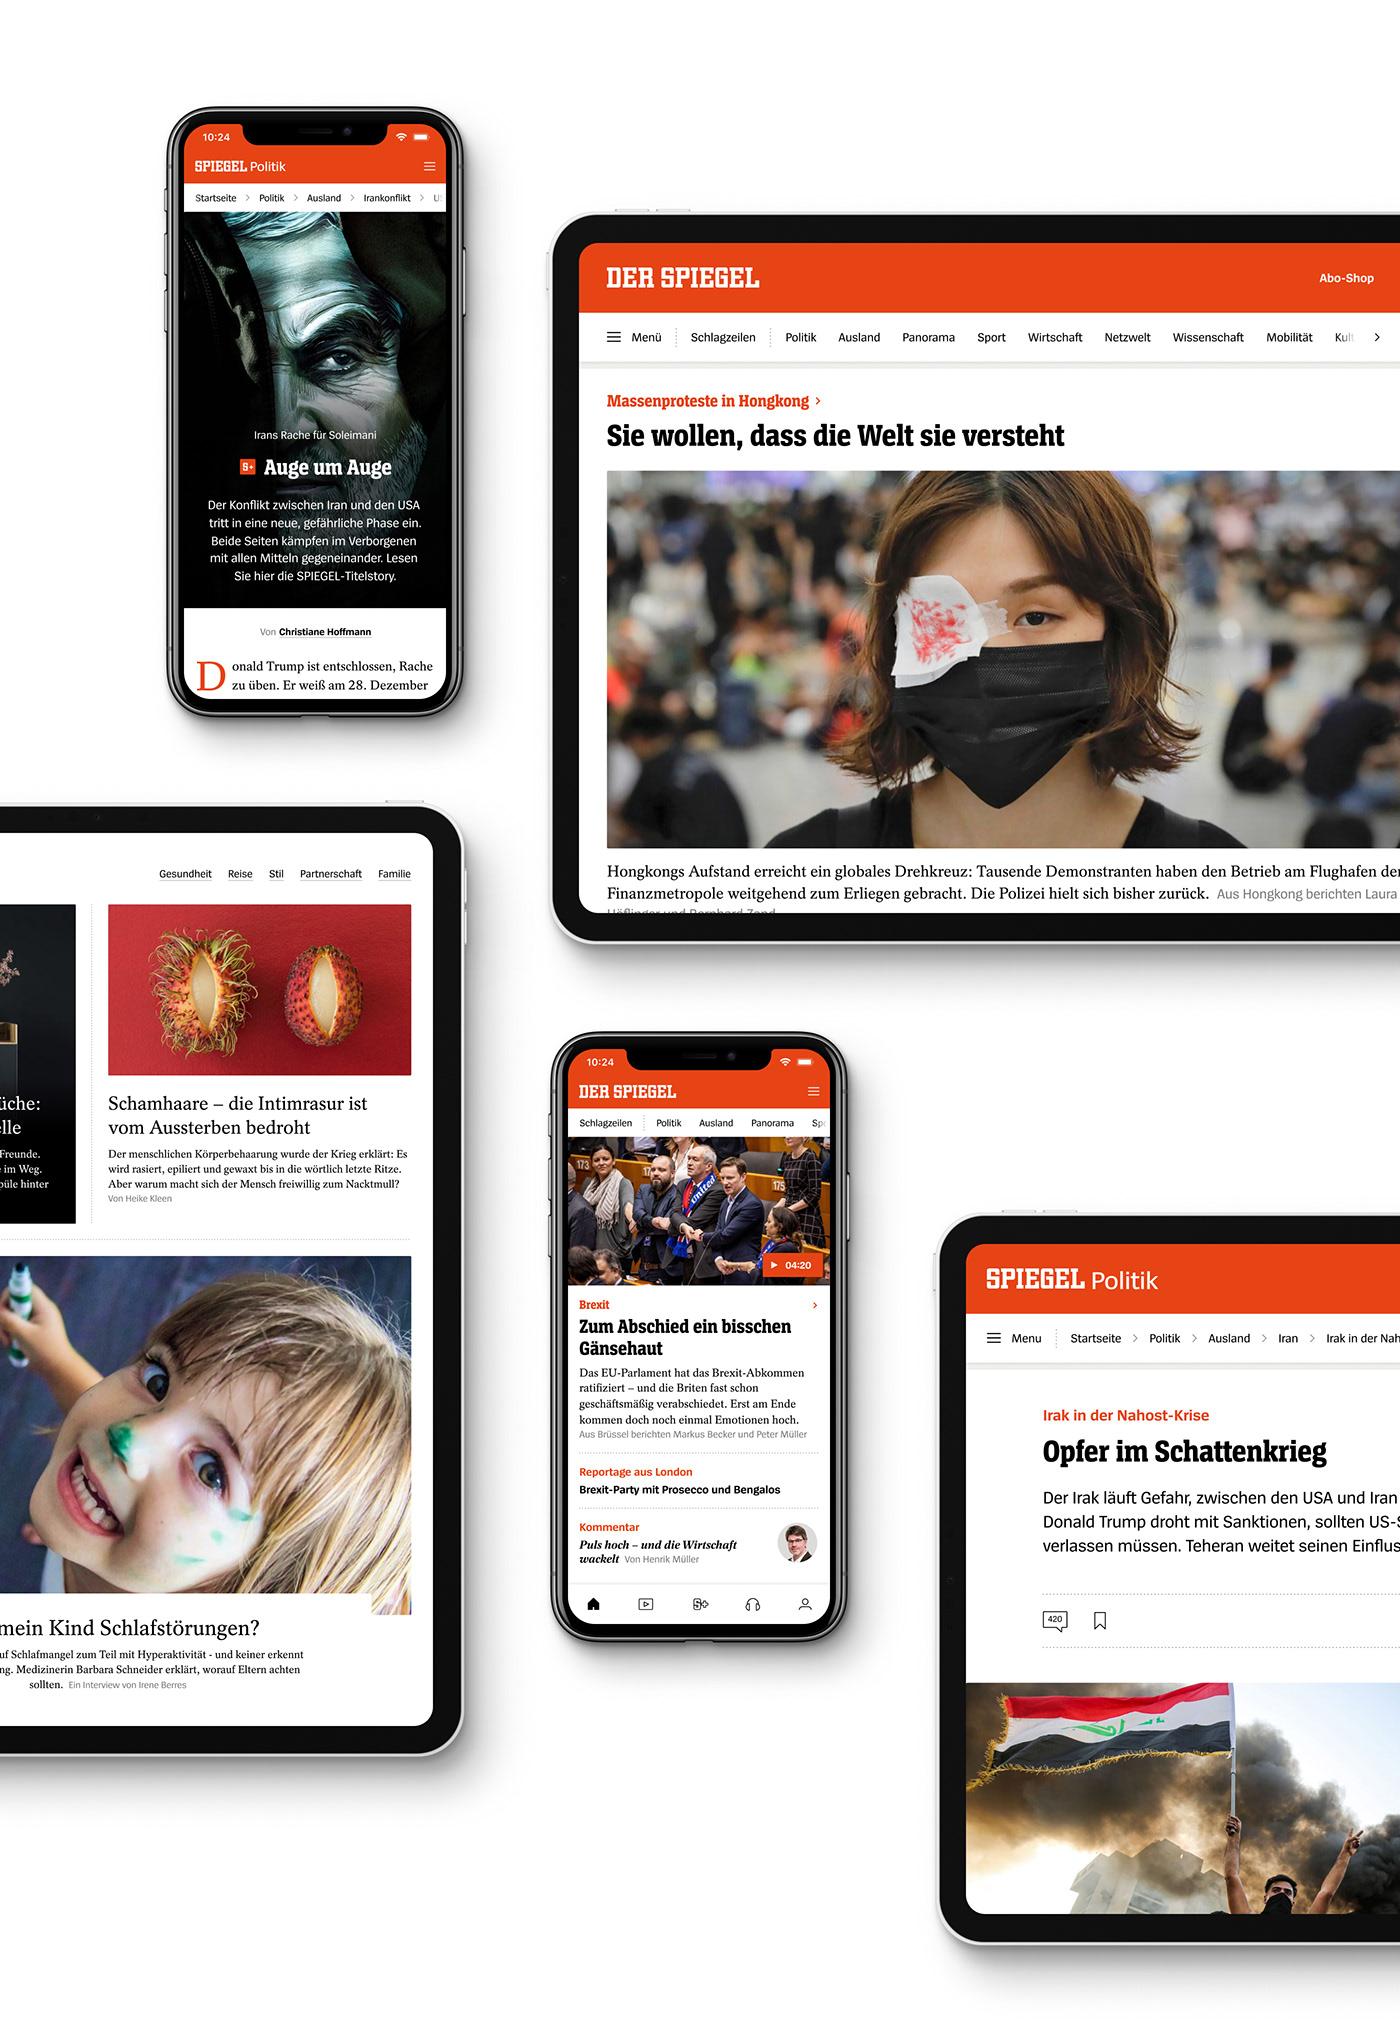 designsystem Digitalnews Interface interfacedesign journalism   madebymake news Spiegel uidesign Webdesign